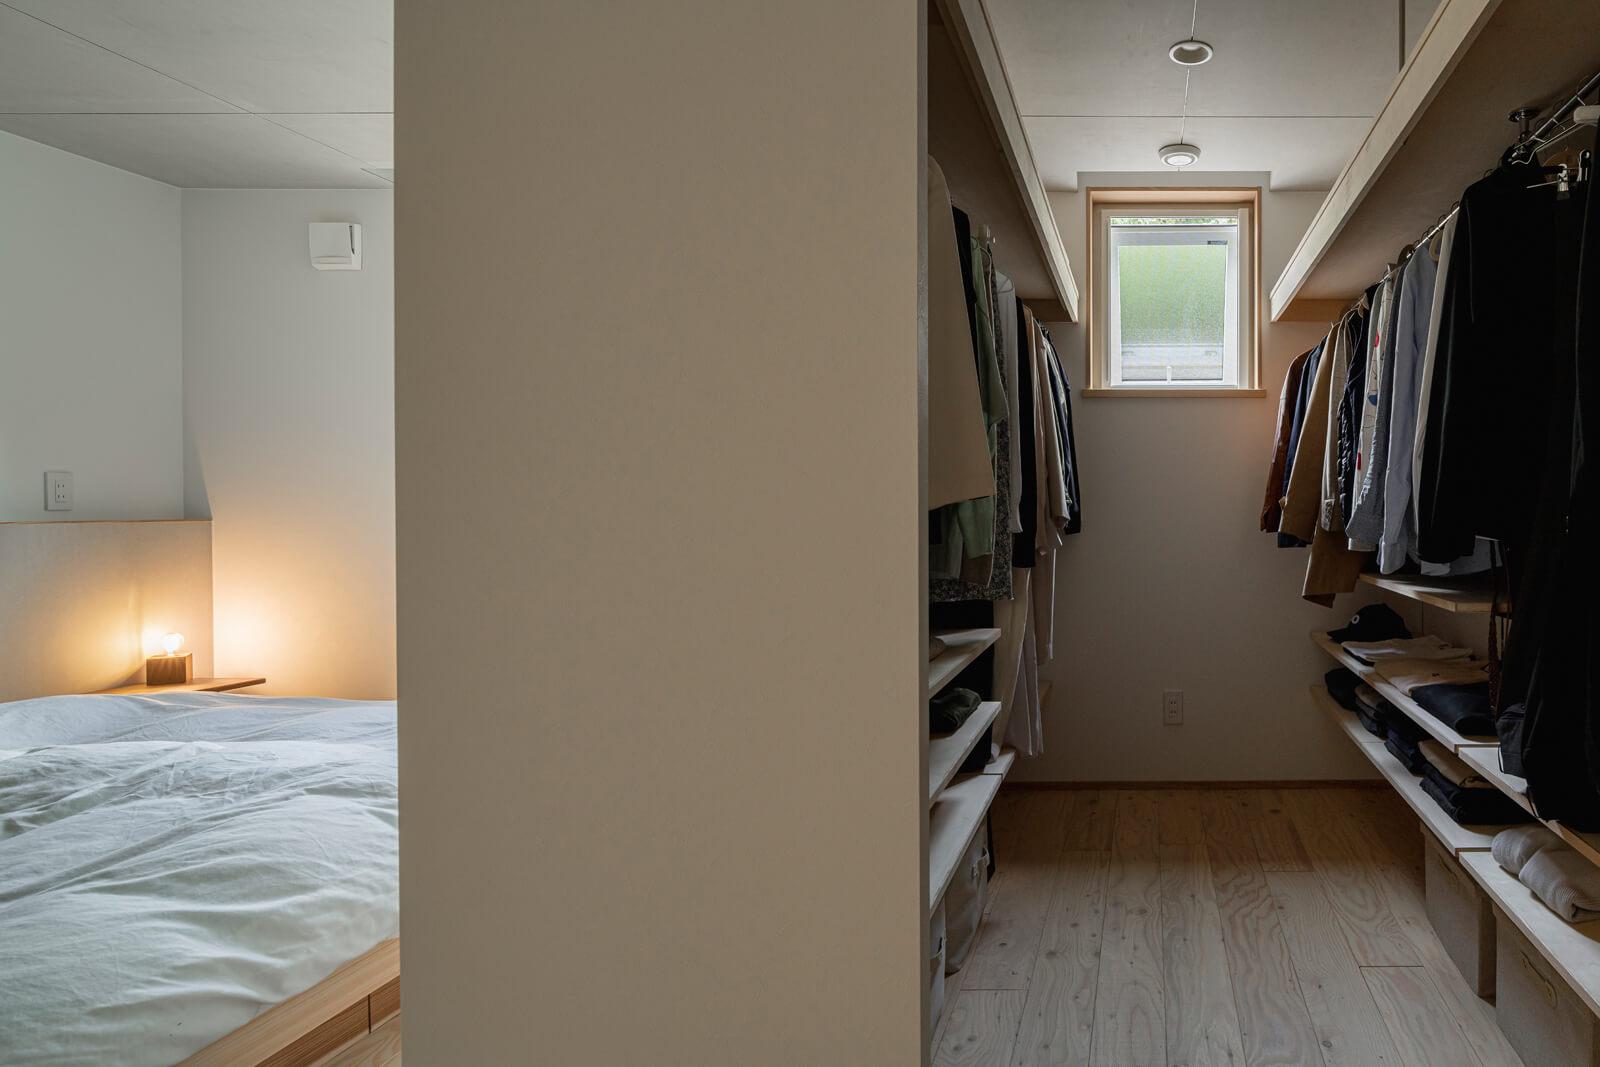 寝室には大容量のウォークインクローゼットを併設。ご夫妻の衣類はすべてここに収まる